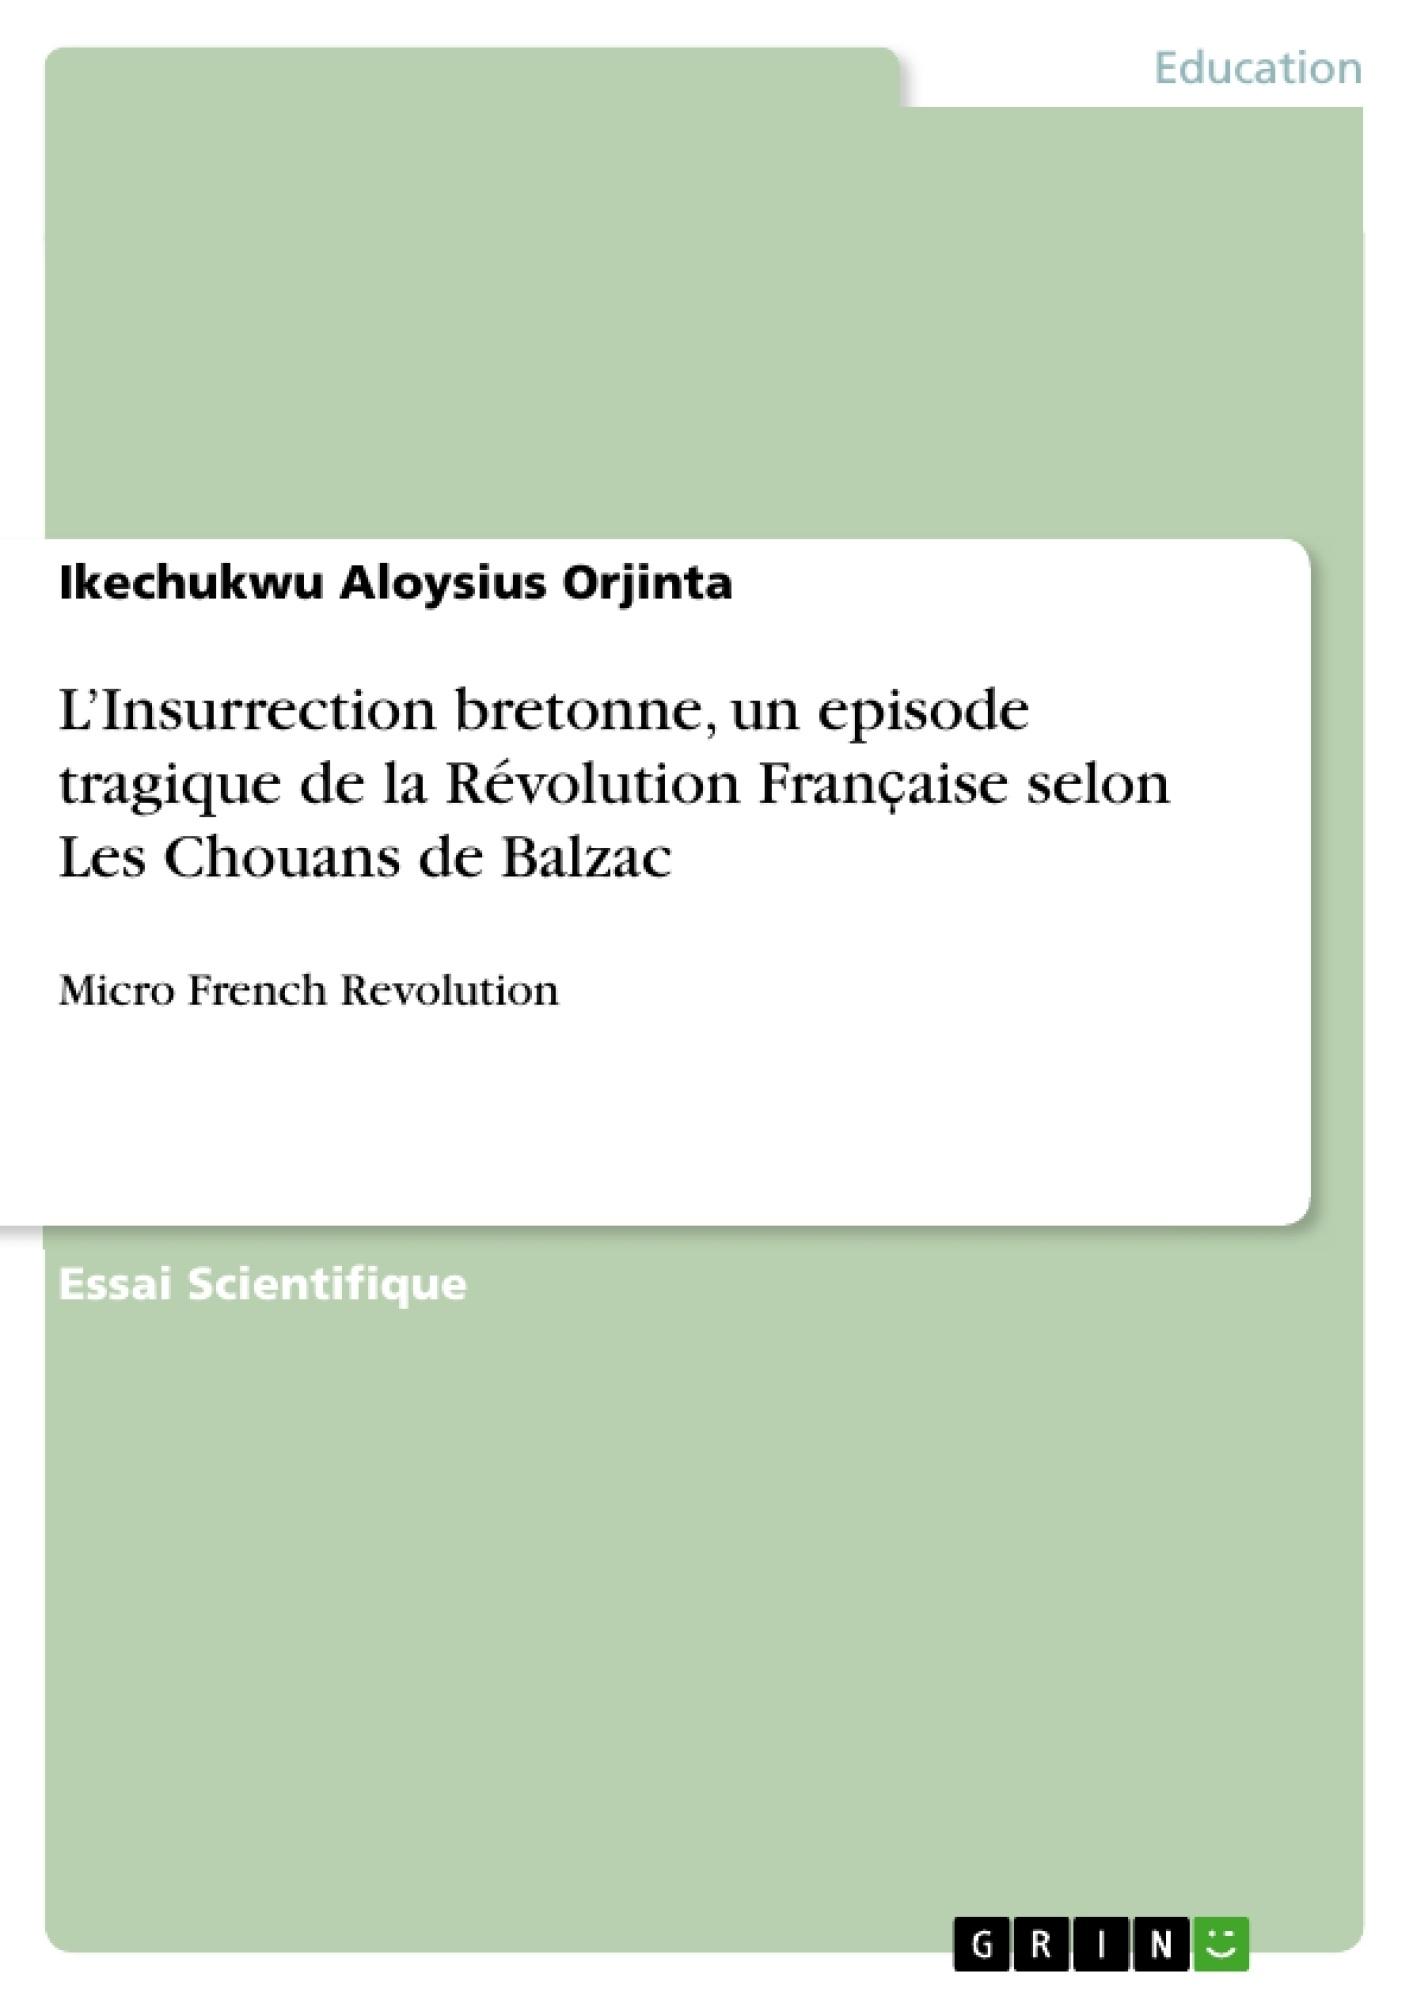 Titre: L'Insurrection bretonne, un episode tragique de la Révolution Franҫaise selon Les Chouans de Balzac